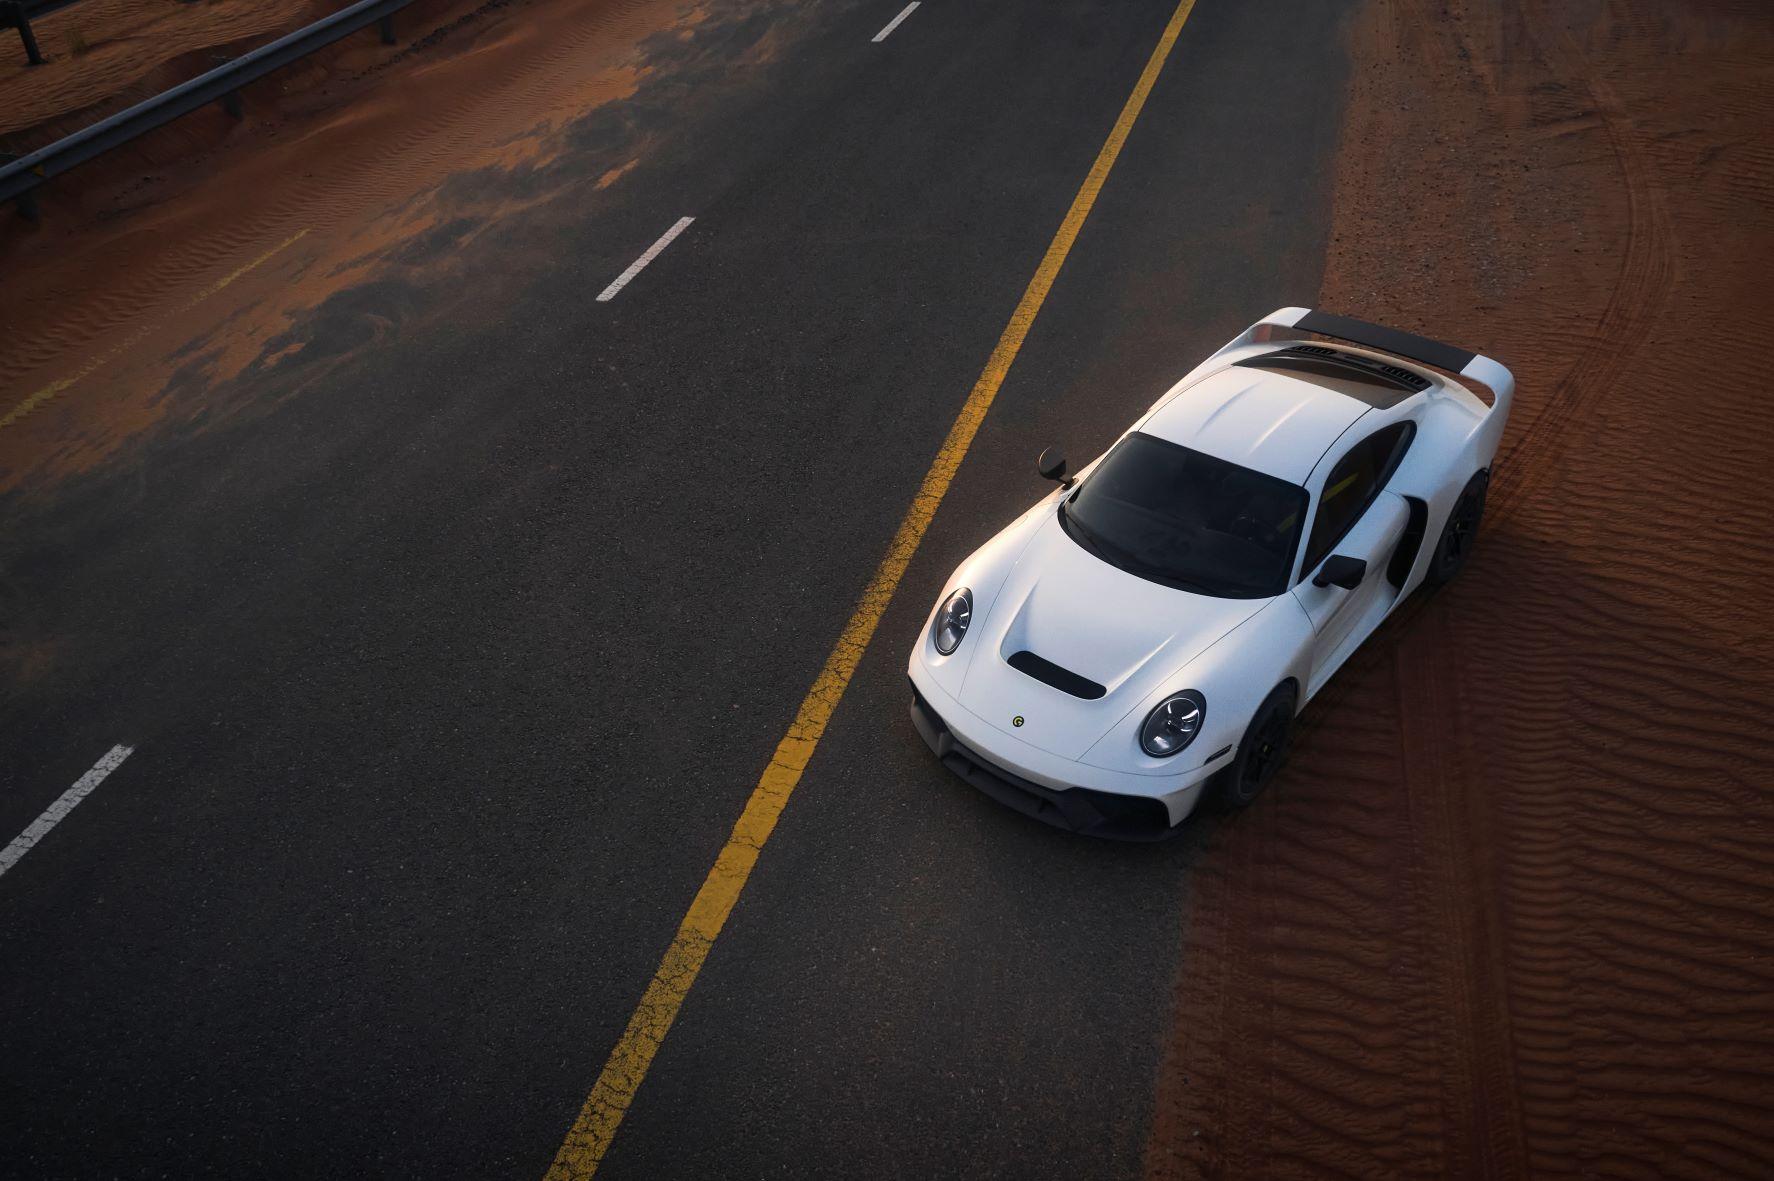 Cette Porsche 911 tout-terrain de plus de 800 ch promet des ruades dans le sable !